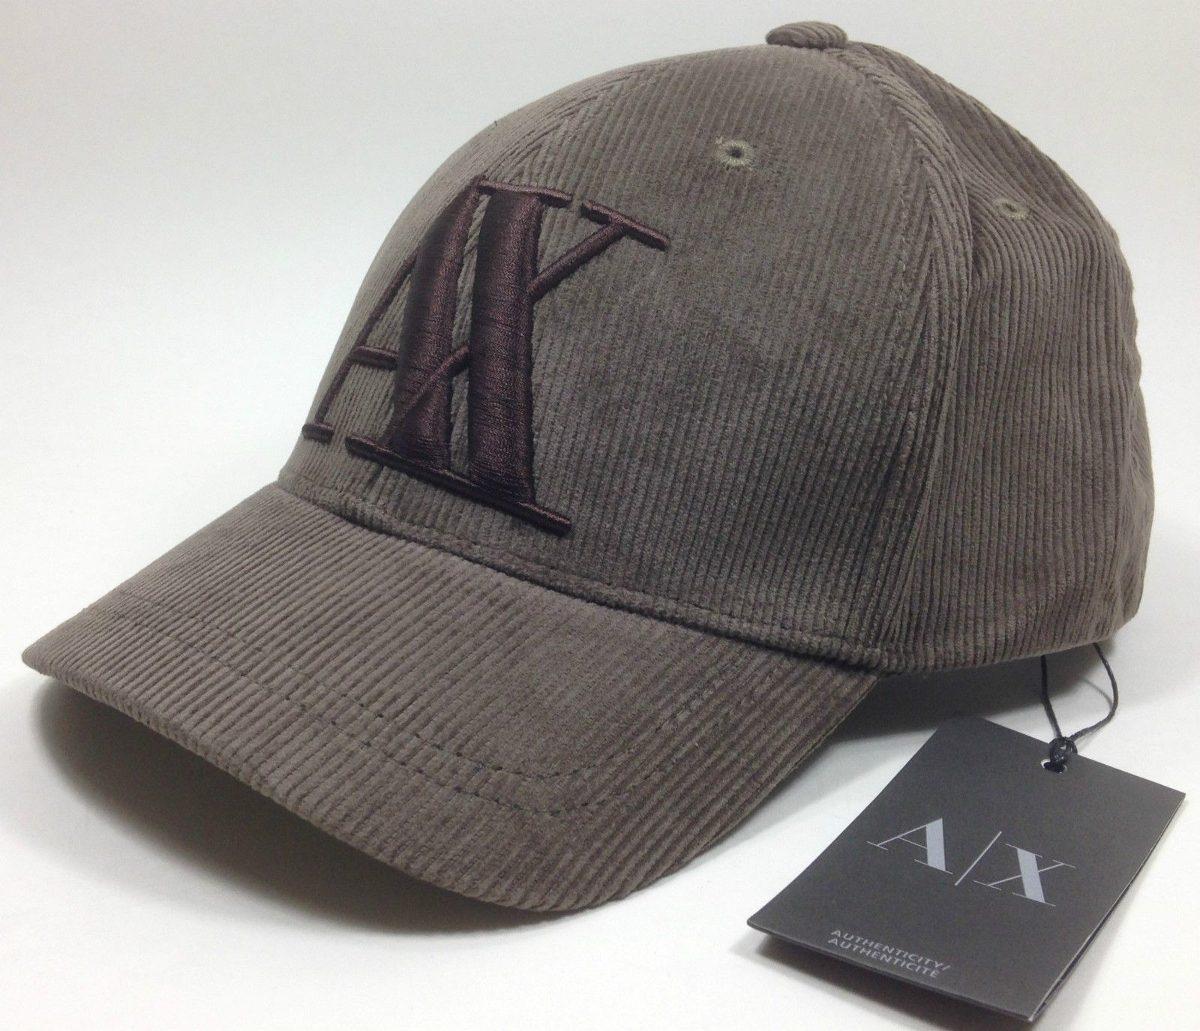 gorra armani original de corderoy - a pedido exkarg. Cargando zoom. a2381818c81